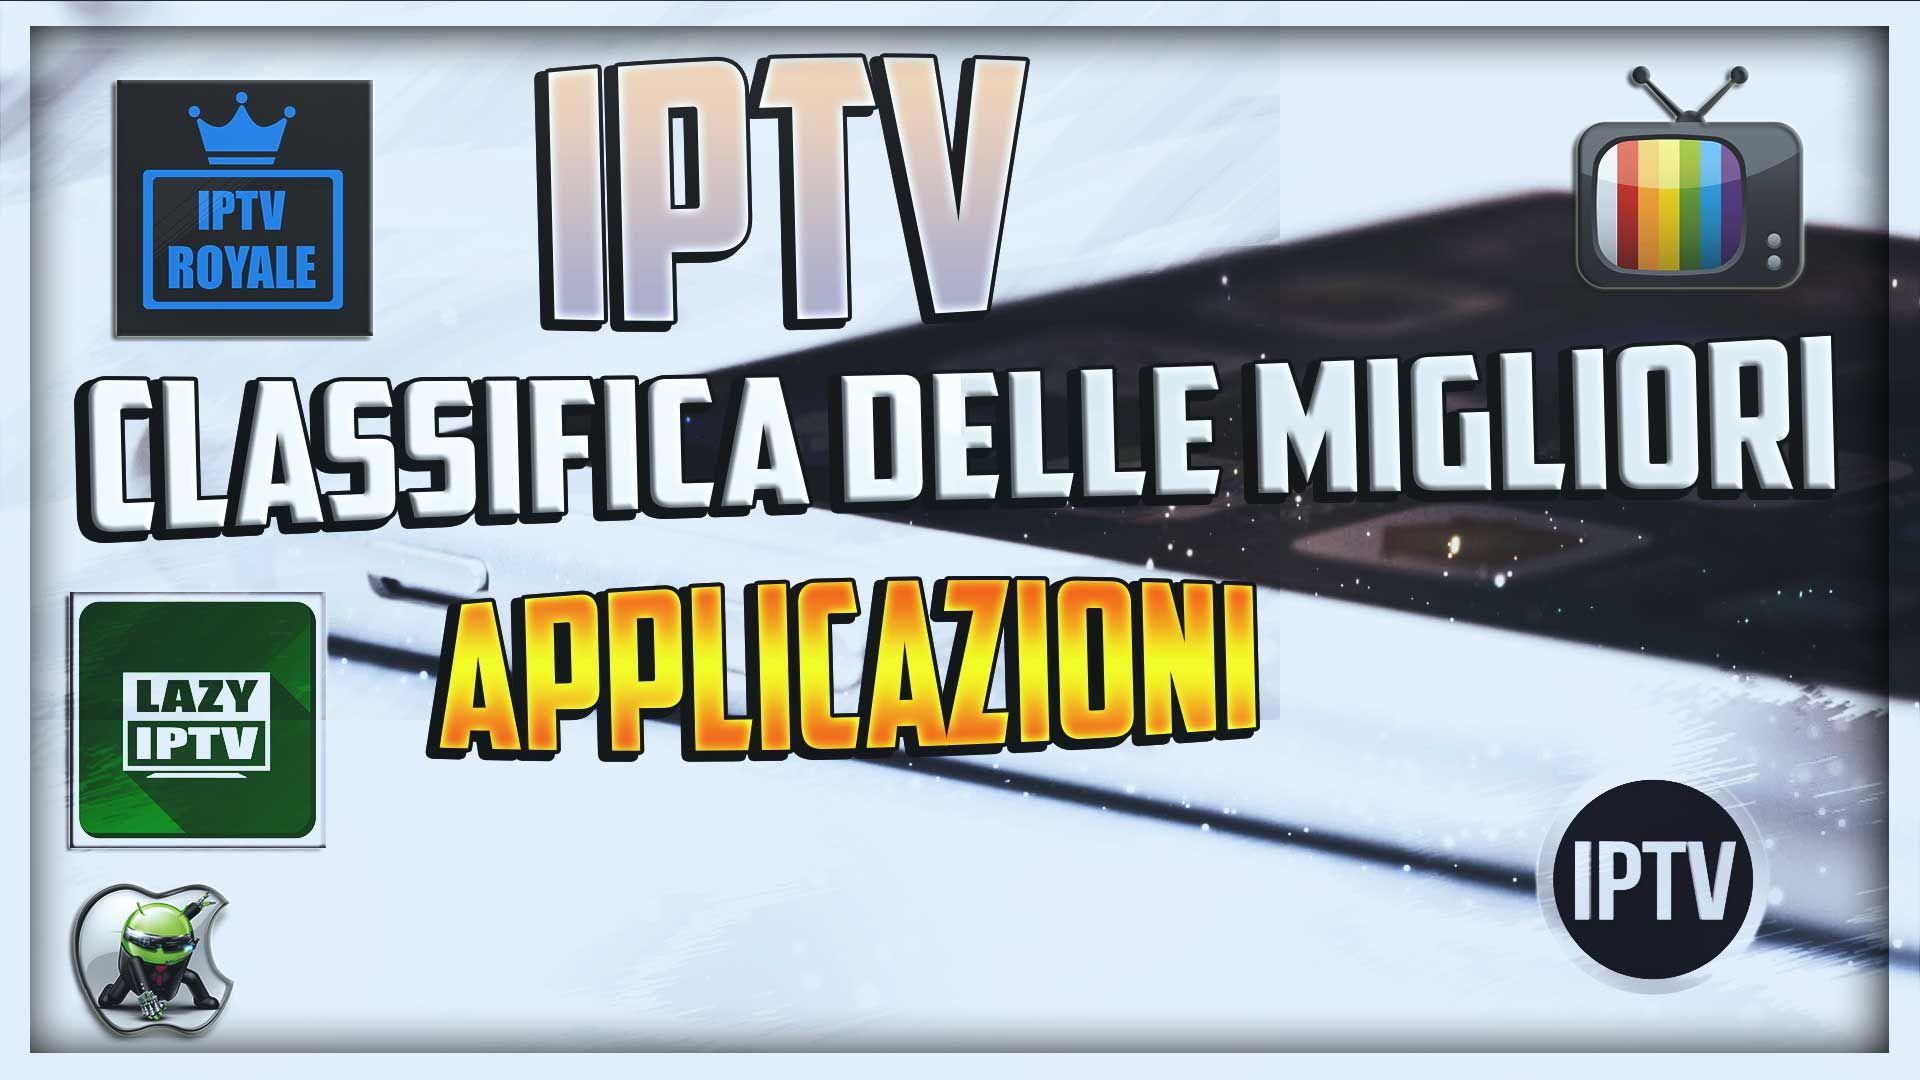 IPTV Classifica delle migliori Applicazioni IPTV (con